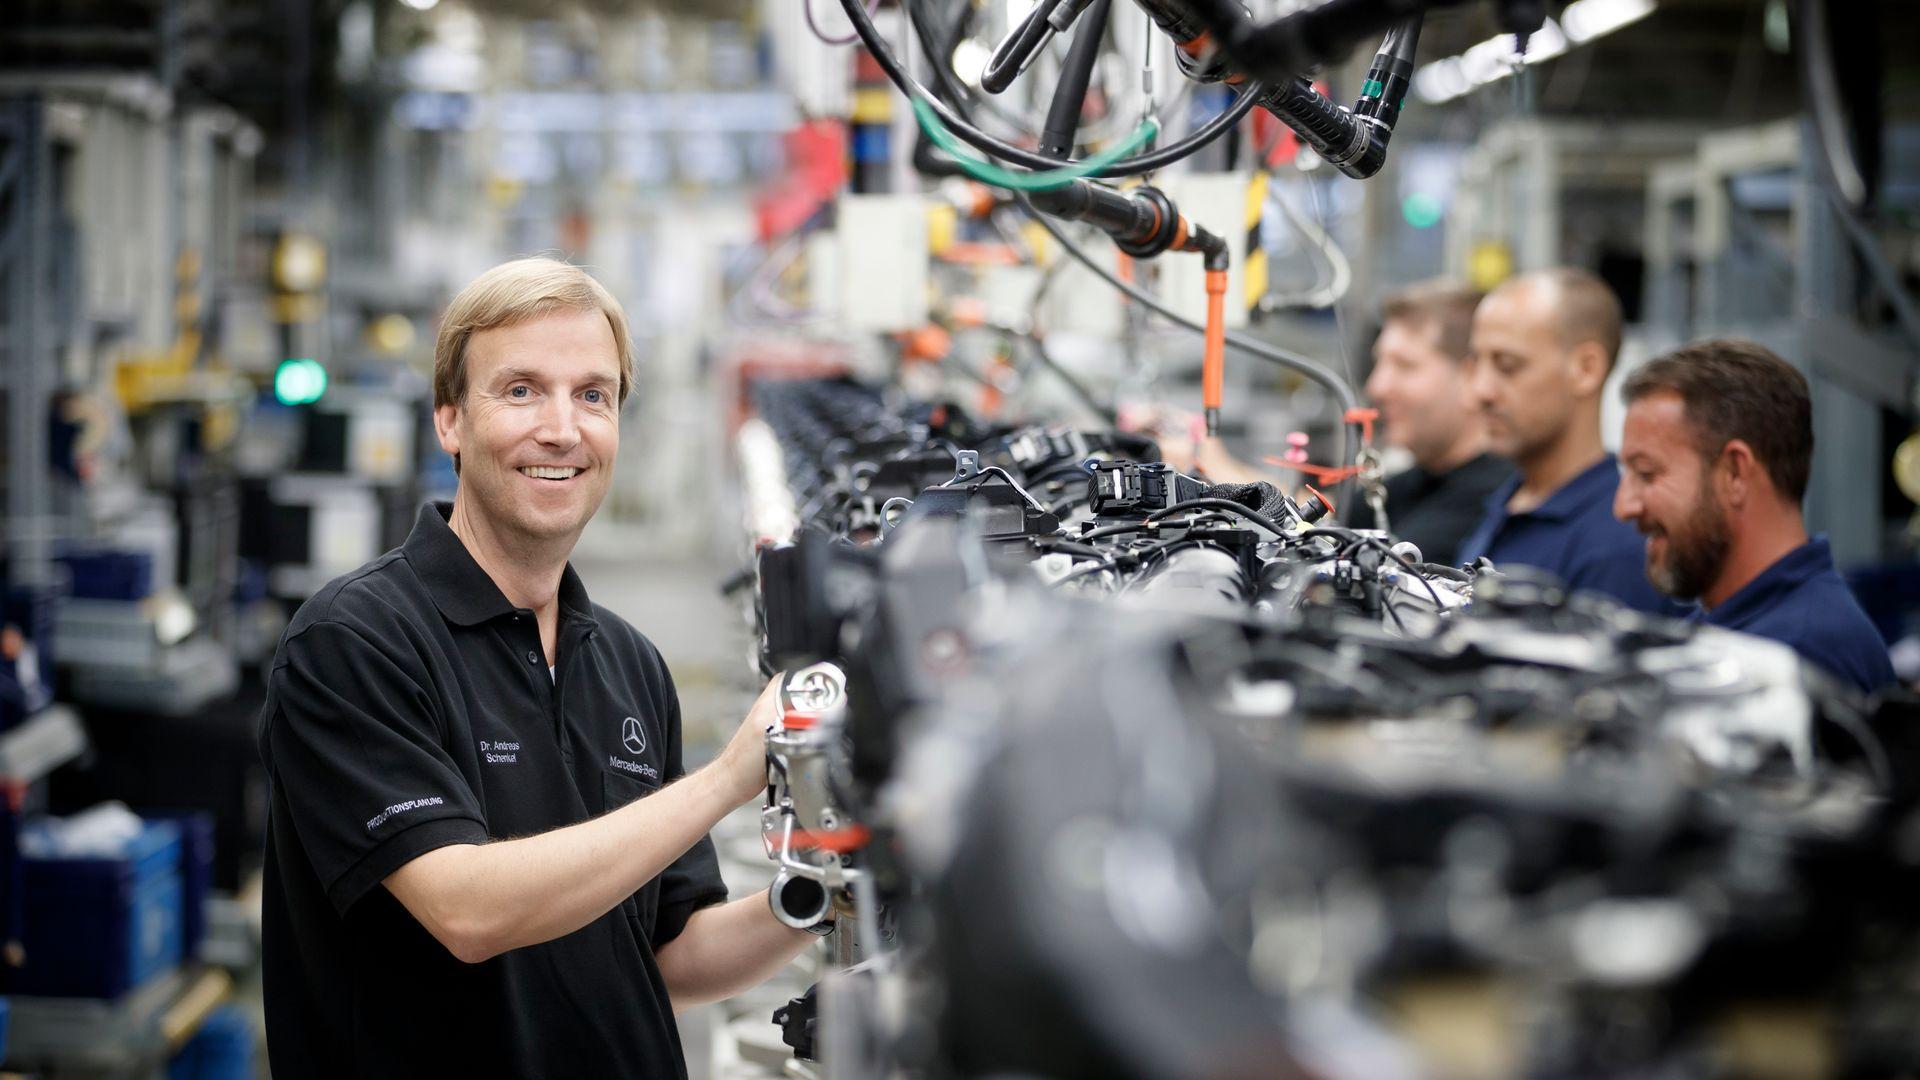 [Dolny Śląsk] Oficjalnie: Mercedes zainwestuje ponad 2 mld złotych w fabrykę silników w Jaworze [SZCZEGÓŁY]